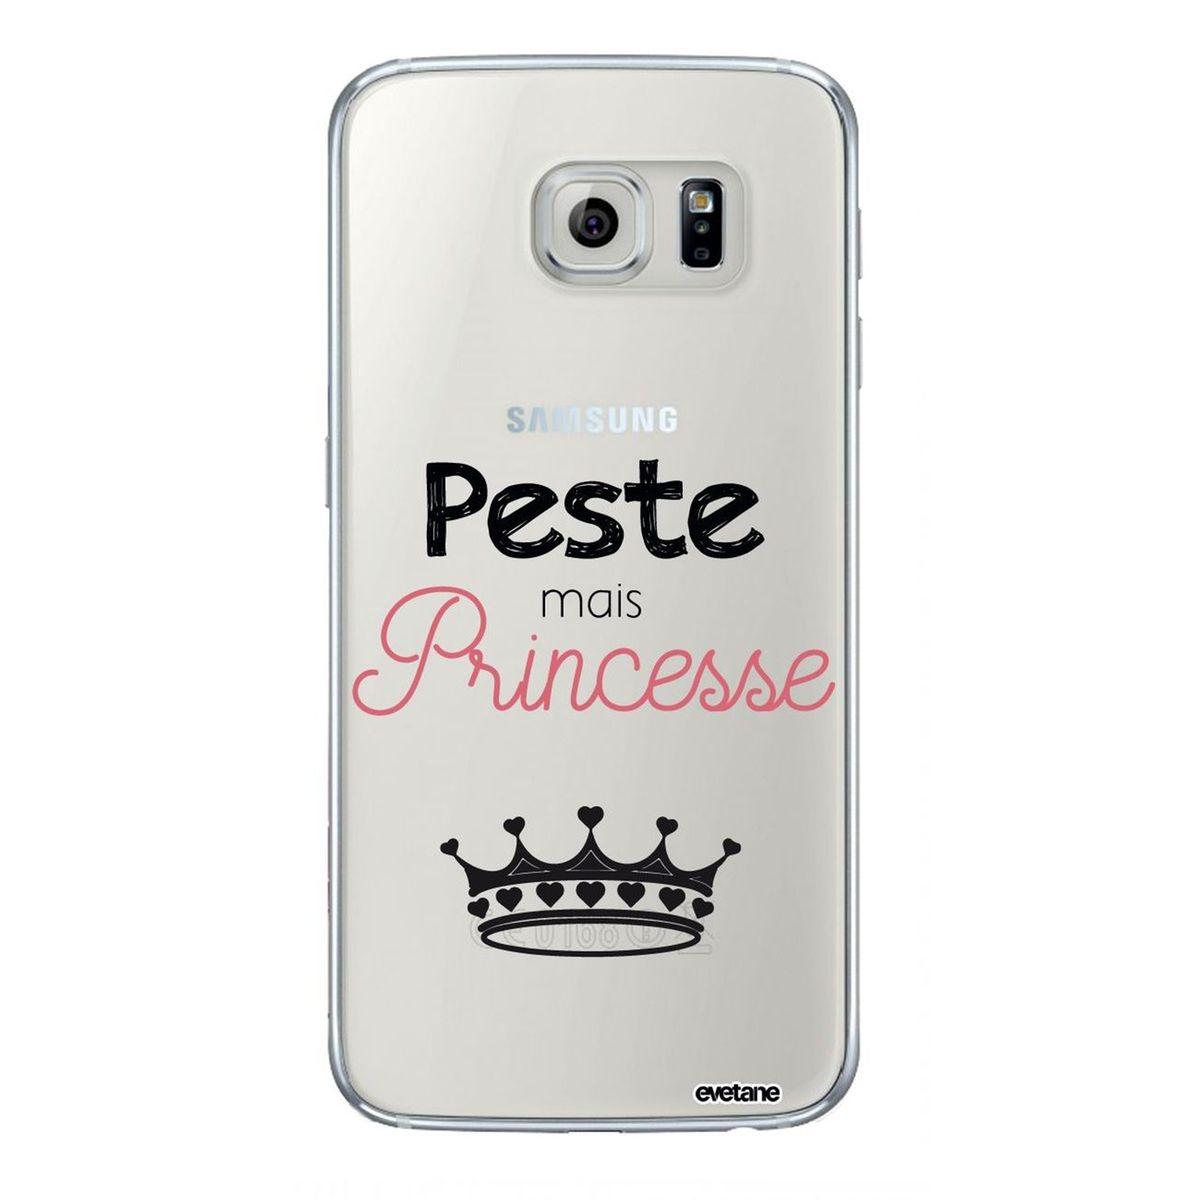 Coque Samsung Galaxy S6 souple transparente, Peste mais Princesse, Evetane®